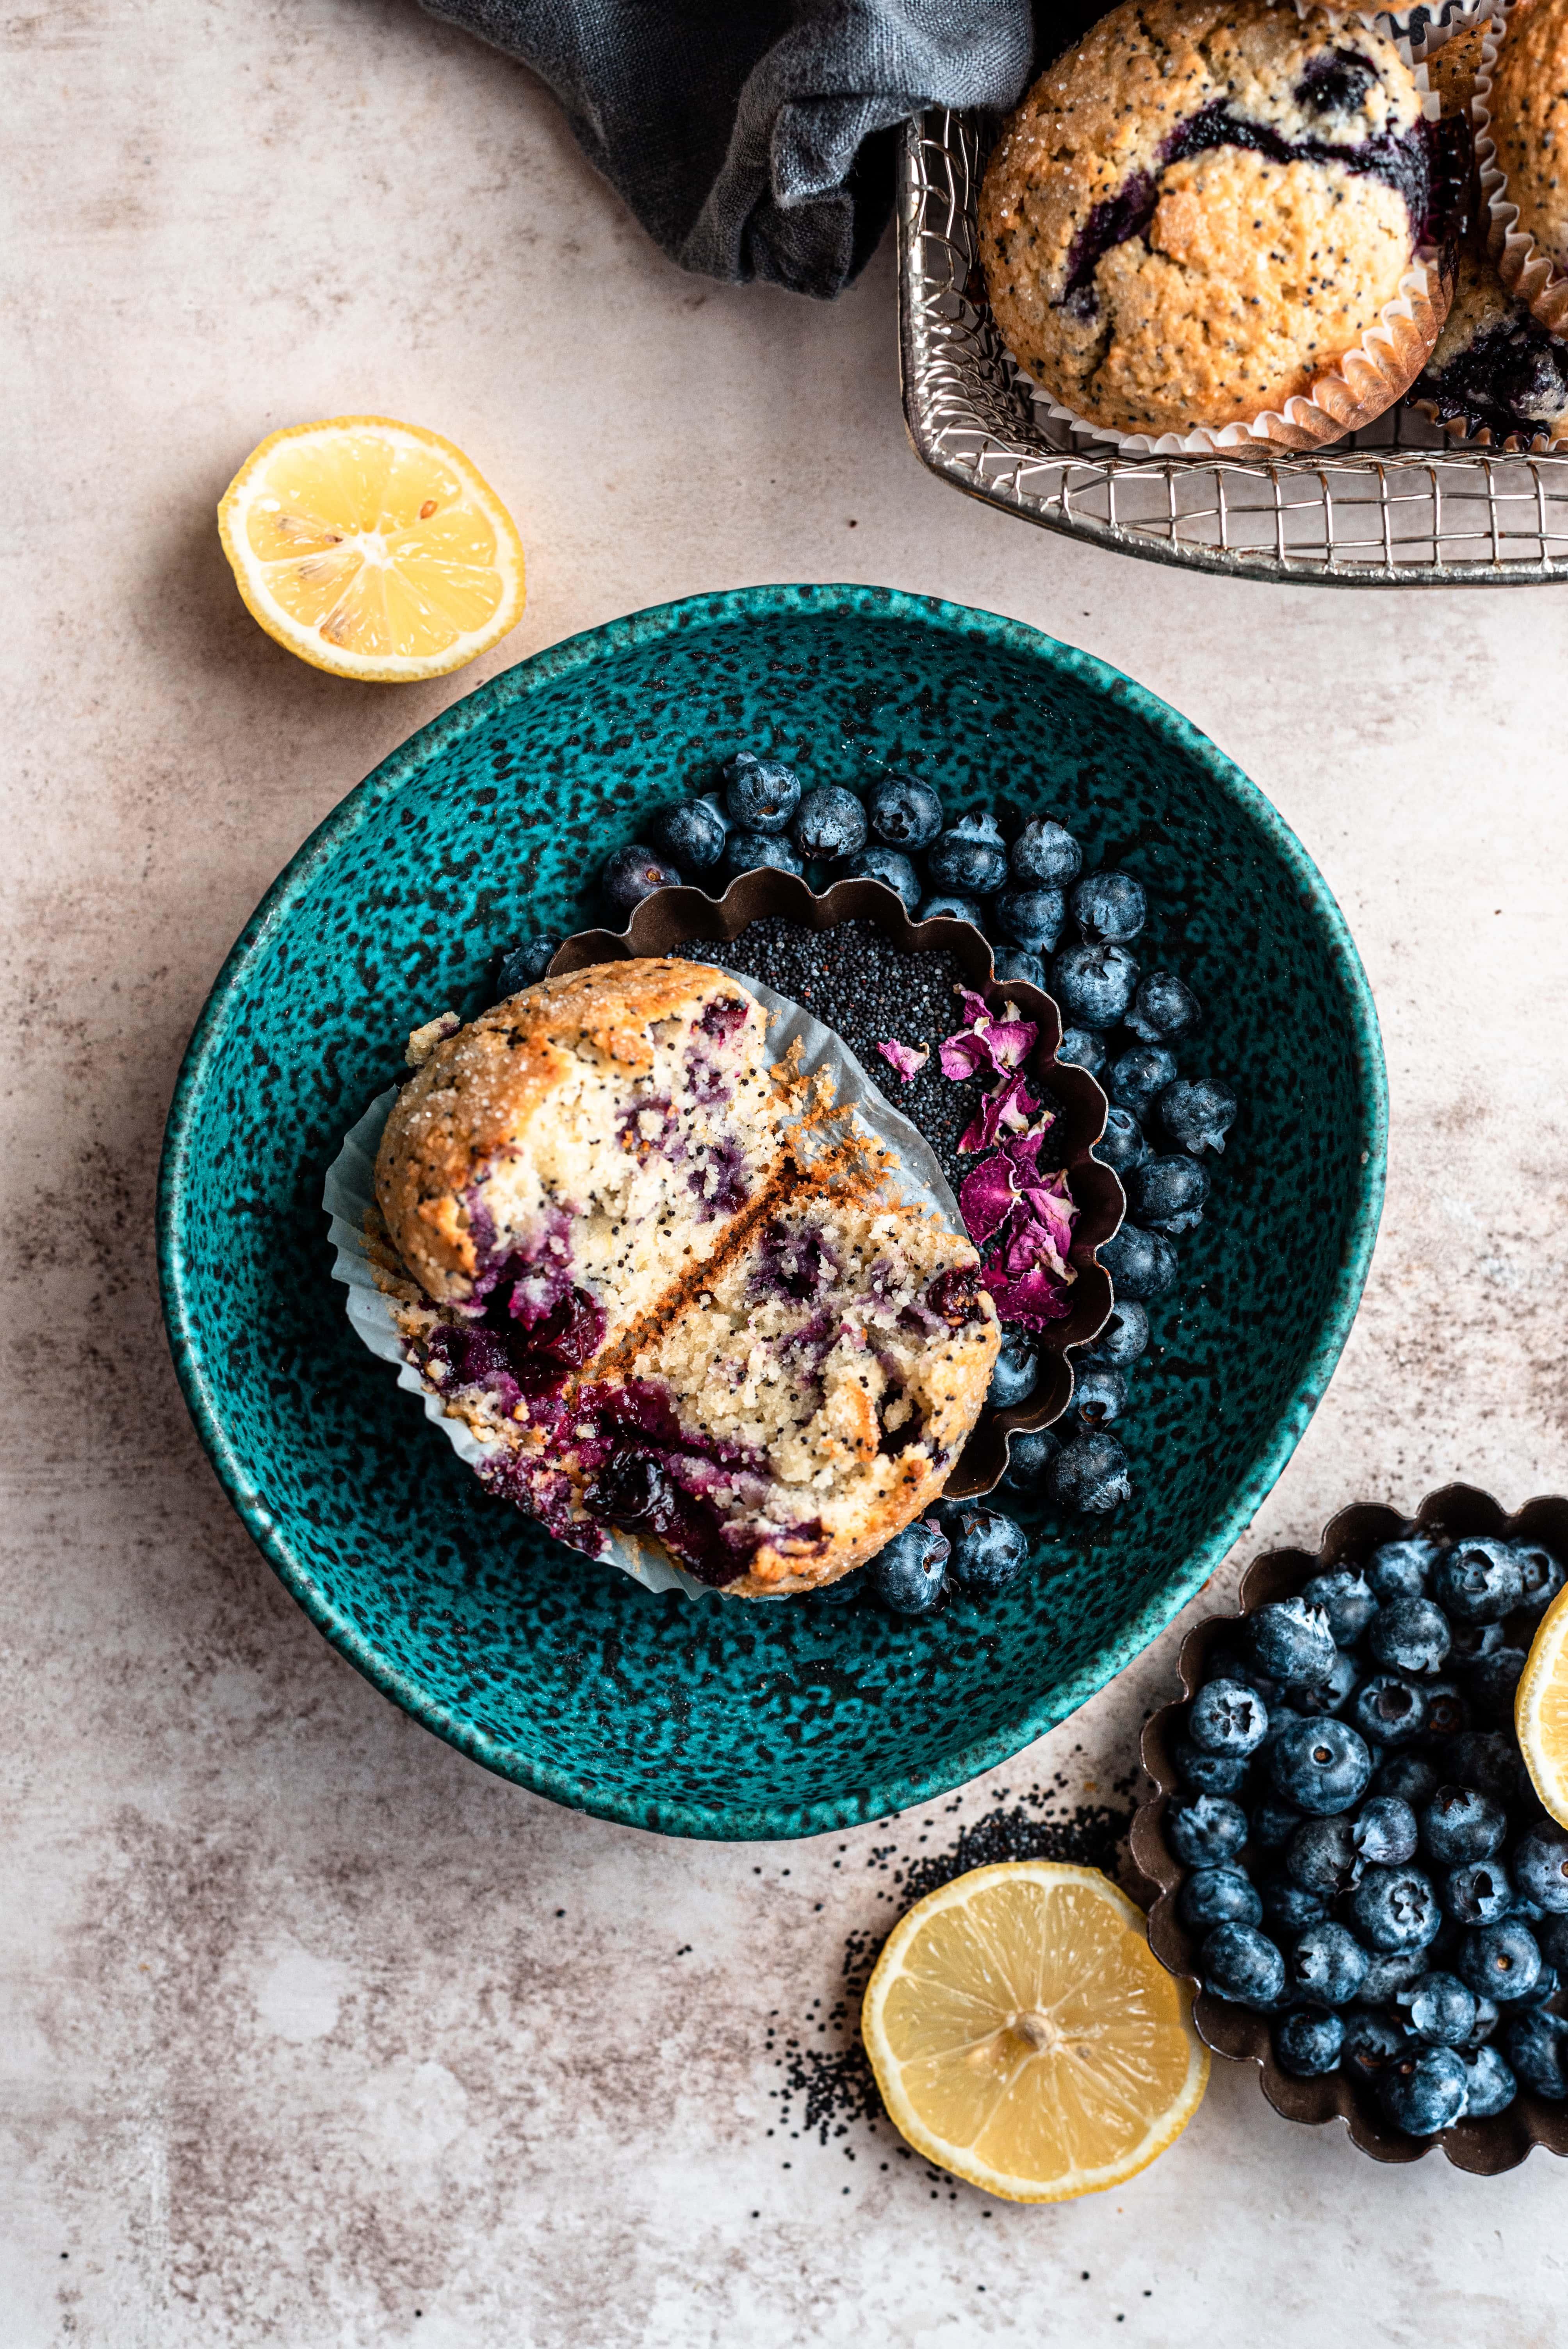 Blueberry lemon poppy seed muffin cut in half